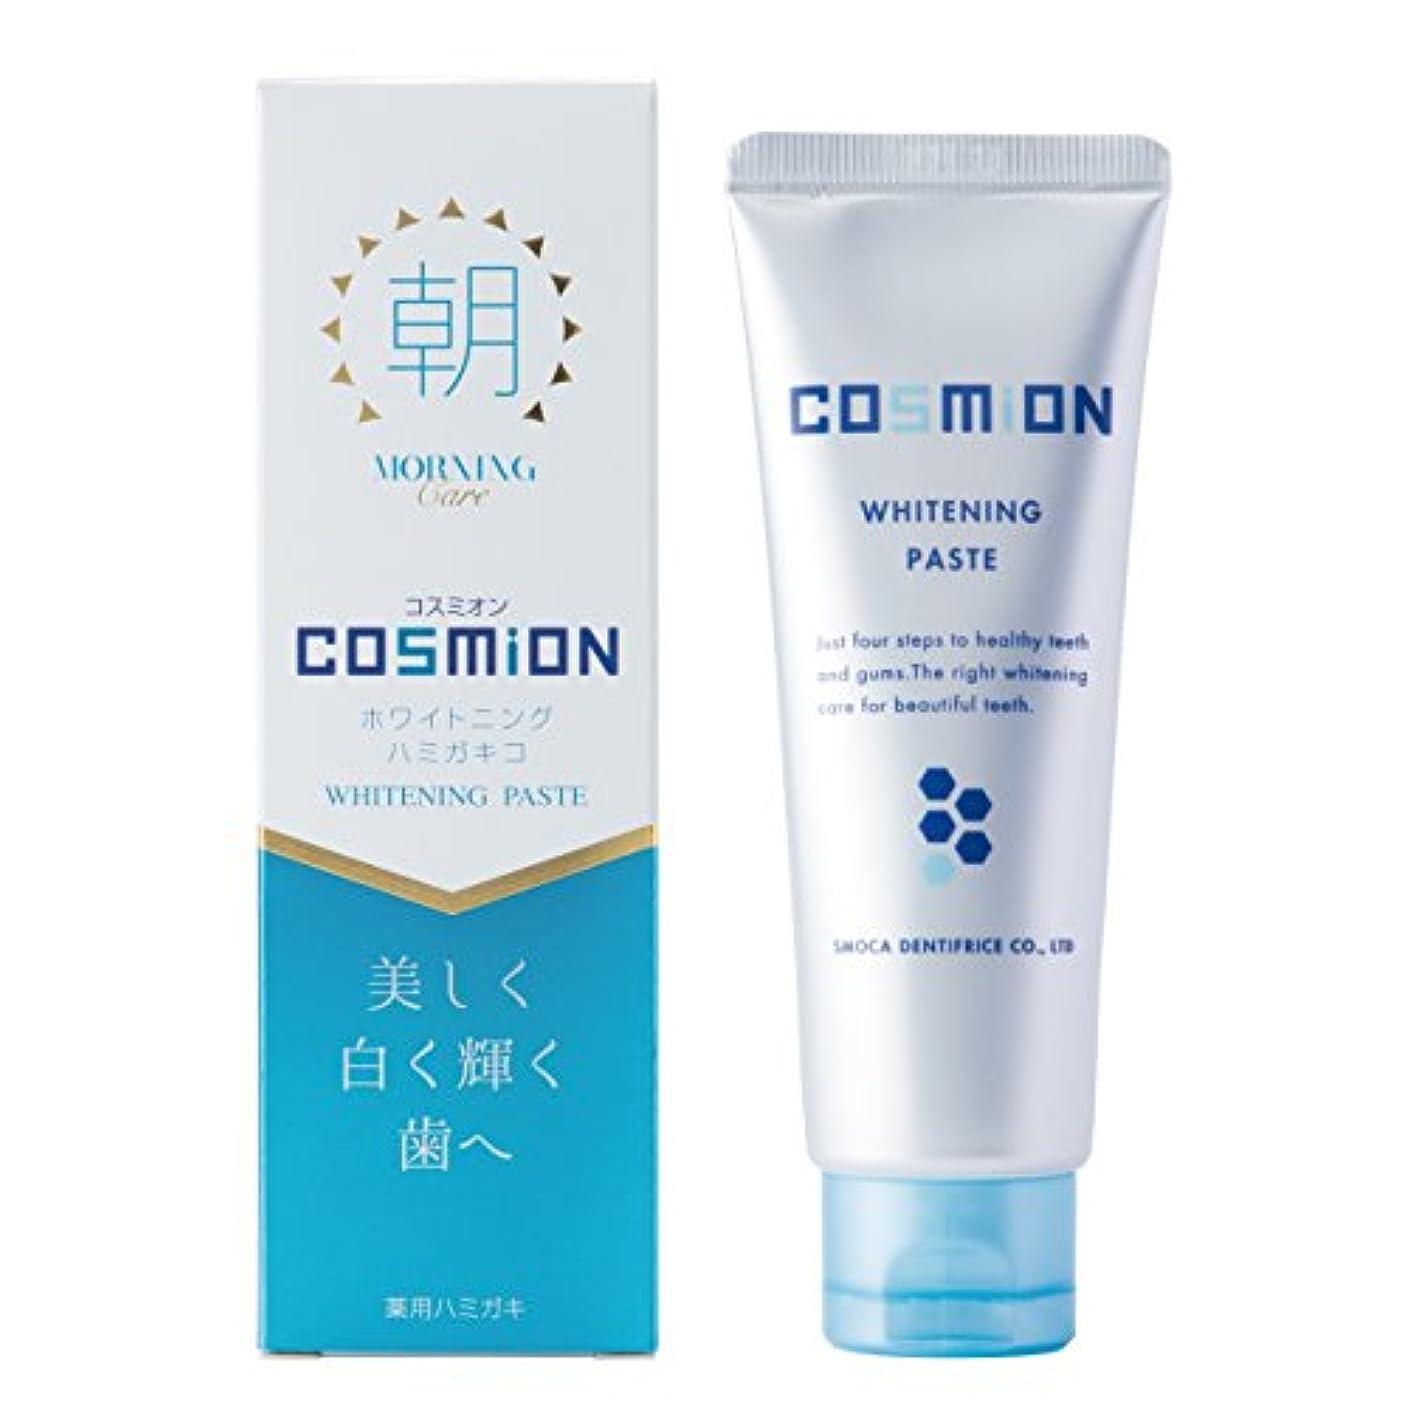 【医薬部外品】薬用ハミガキ[ コスミオン]ホワイトニング ハミガキコ 100g